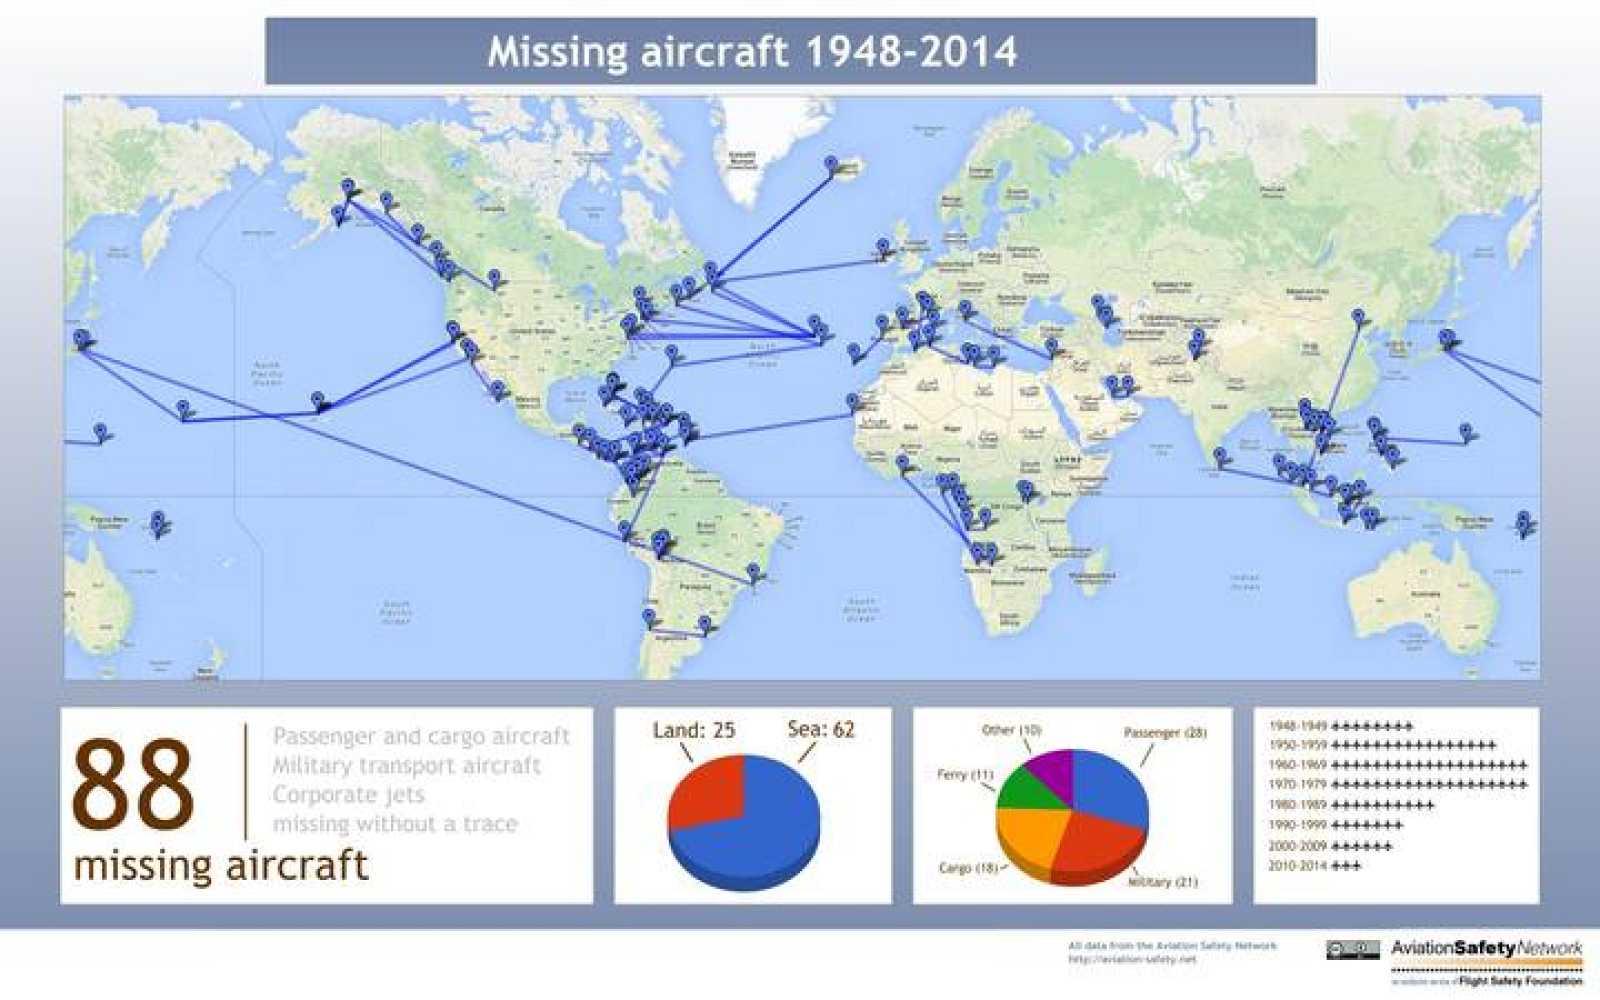 Desde 1948, han desaparecido 88 aviones en todo el mundo, según Aviation Safety Network